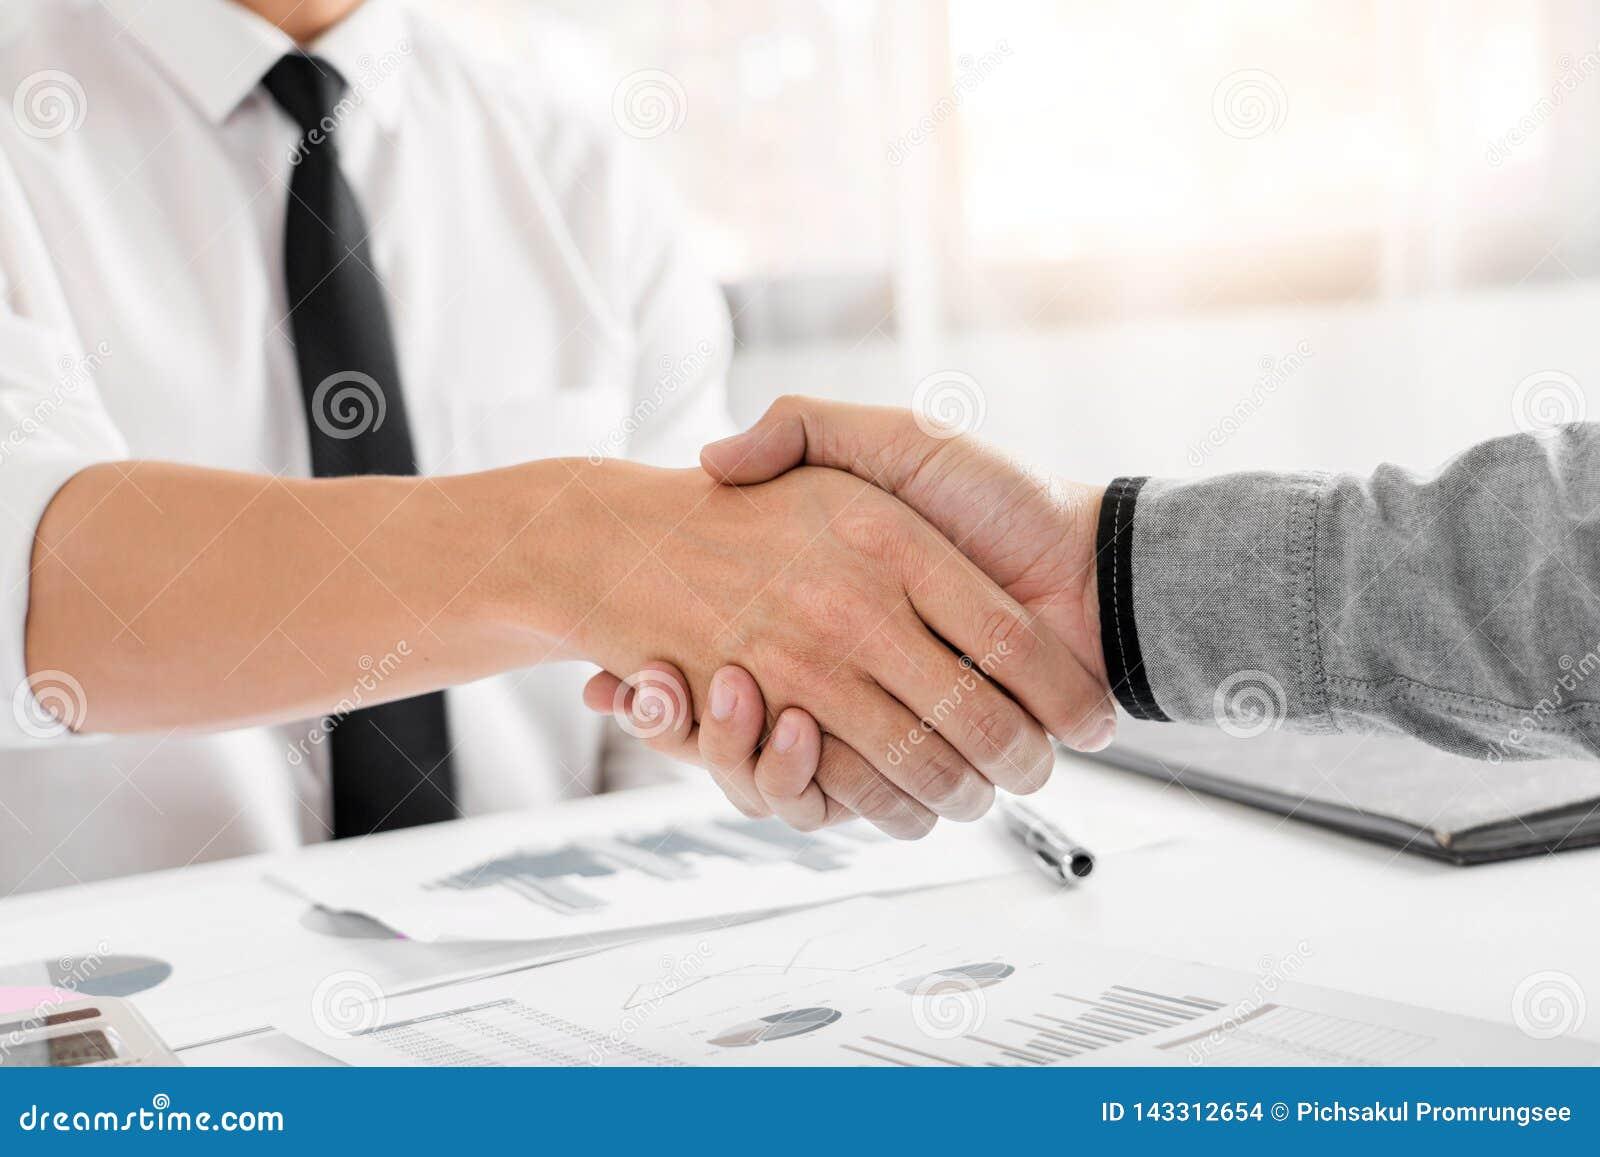 Begrepp för handskakning för överenskommelse för affärsmöte, handinnehav, når fullföljande som handlar upp projekt eller fyndfram